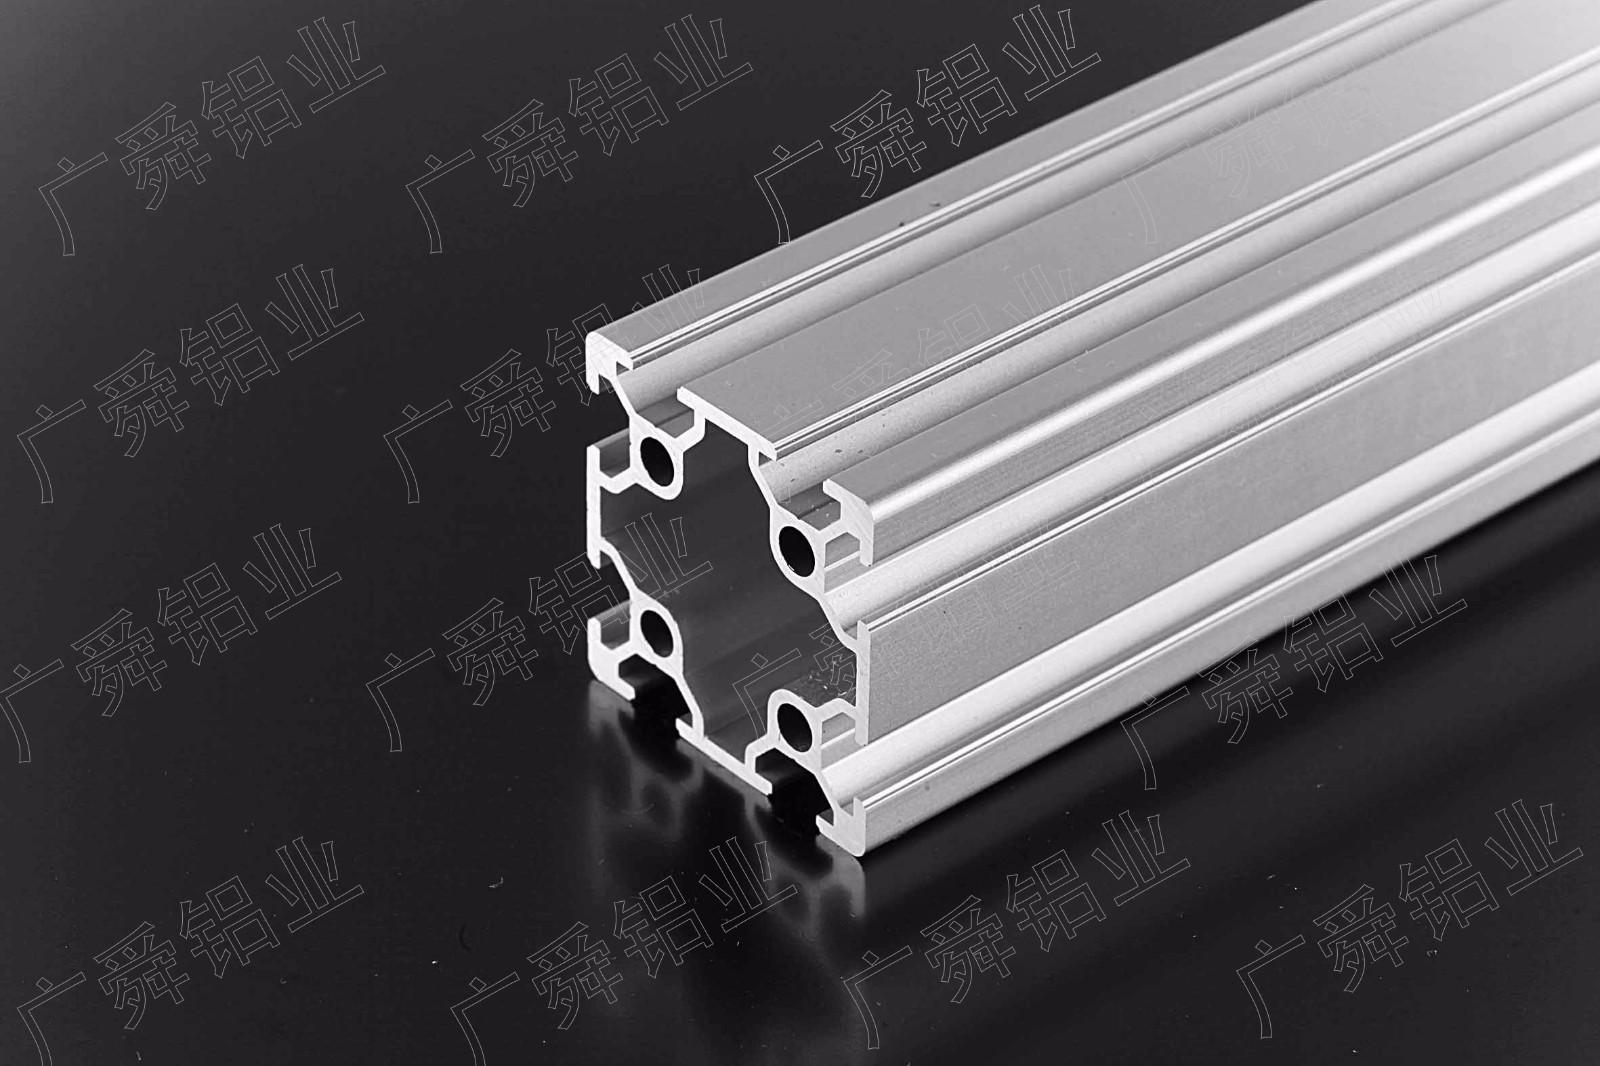 四川廣舜鋁業型材工廠交貨期管理|新聞中心-四川廣舜鋁業有限公司